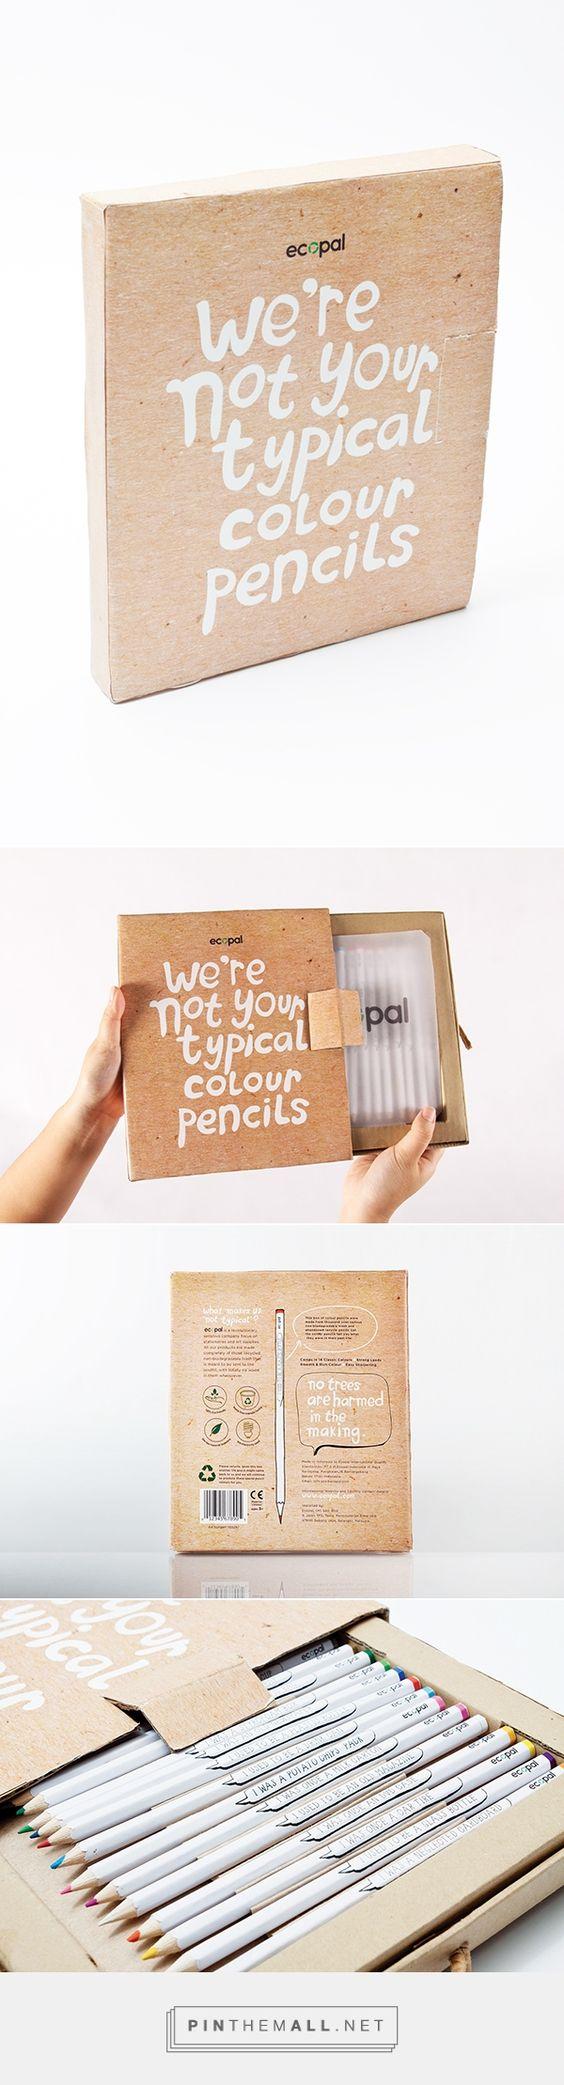 ¿Sabes que puedes tener el mismo packaging para tu producto? Solo debes contactar con nosotros: https://www.cajadecarton.es/contactar?utm_source=Pinterest&utm_medium=social&utm_campaign=20160617-cajadecarton_contactar